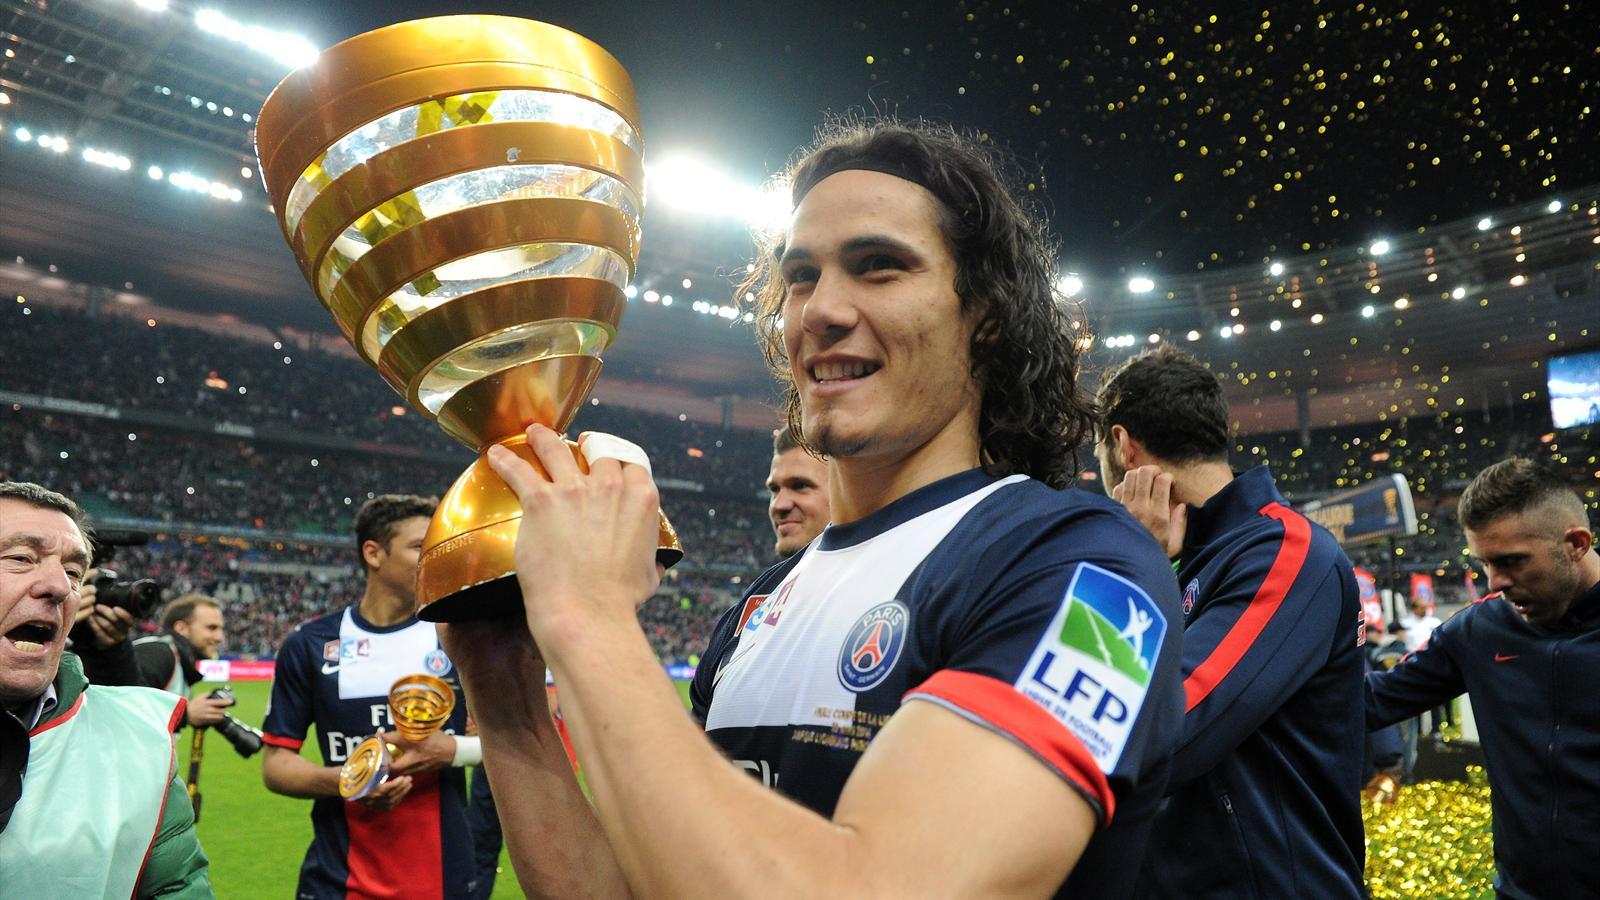 Coupe de la ligue 8e de finale a ajaccio le psg - Billetterie finale coupe de la ligue 2015 ...